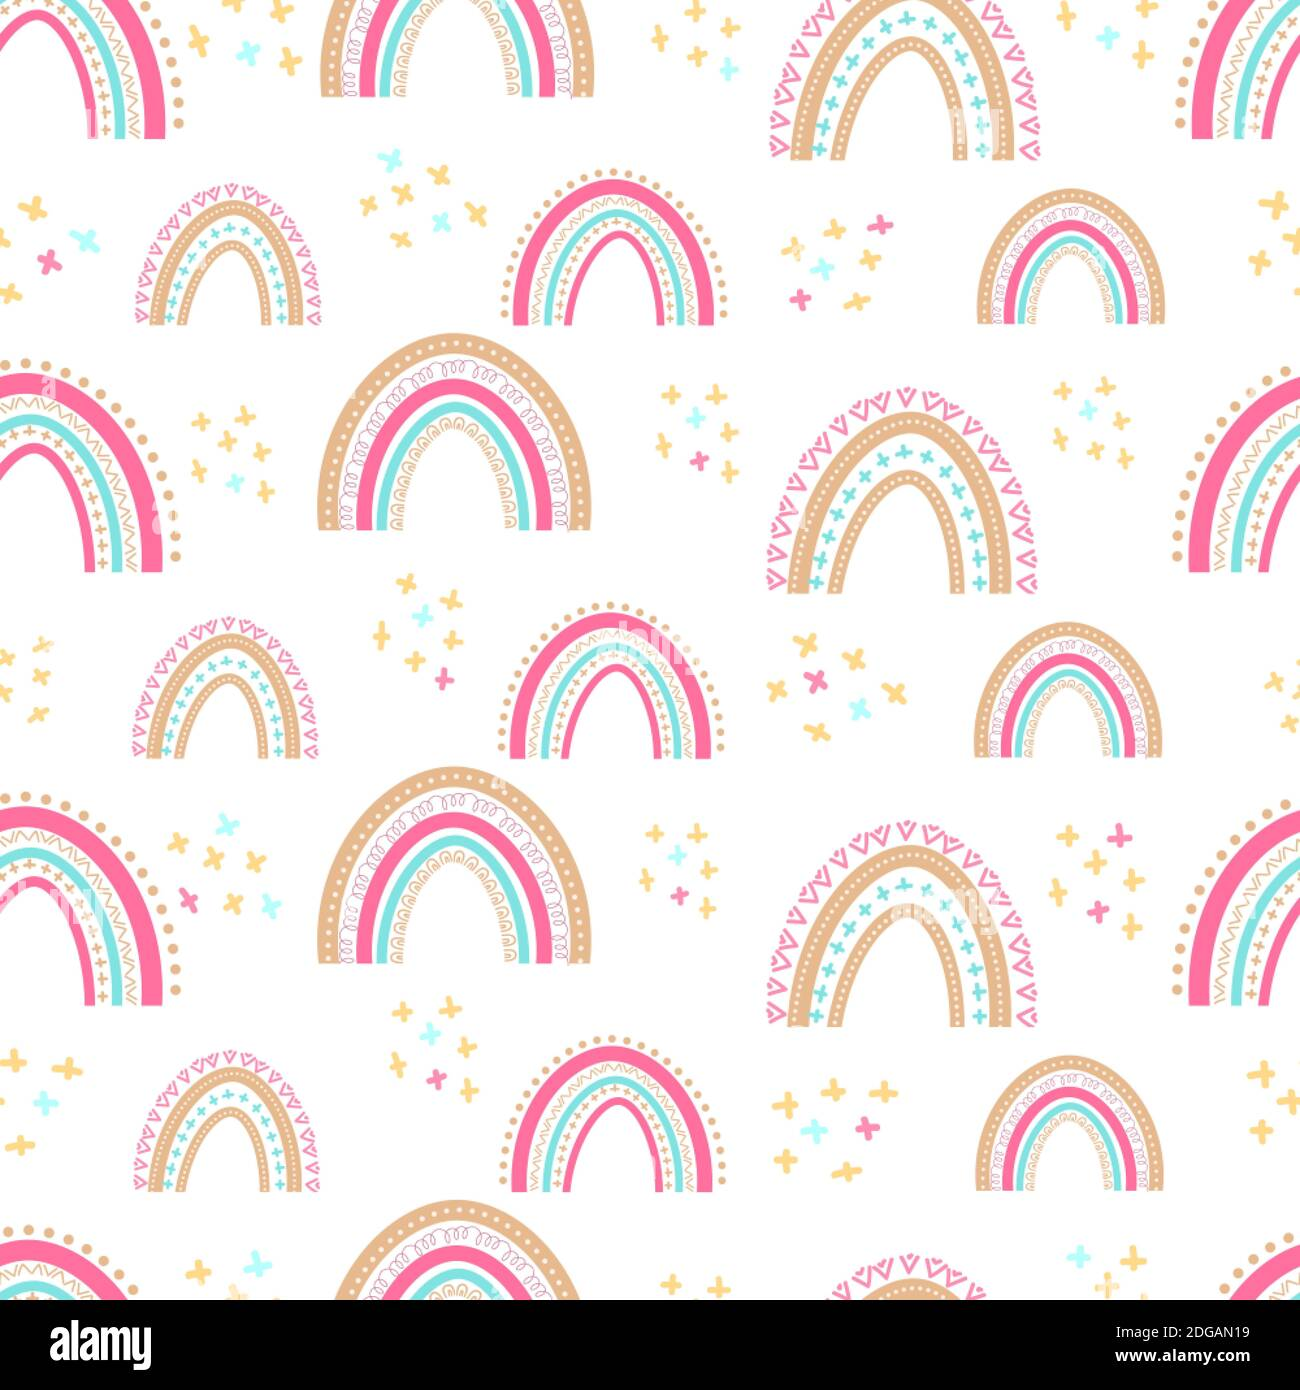 Diseño de bebé sin costuras con arco iris dibujado a mano. Ilustración simple sobre un fondo aislado. Se puede utilizar para el embalaje, textiles, papelería y clo Ilustración del Vector